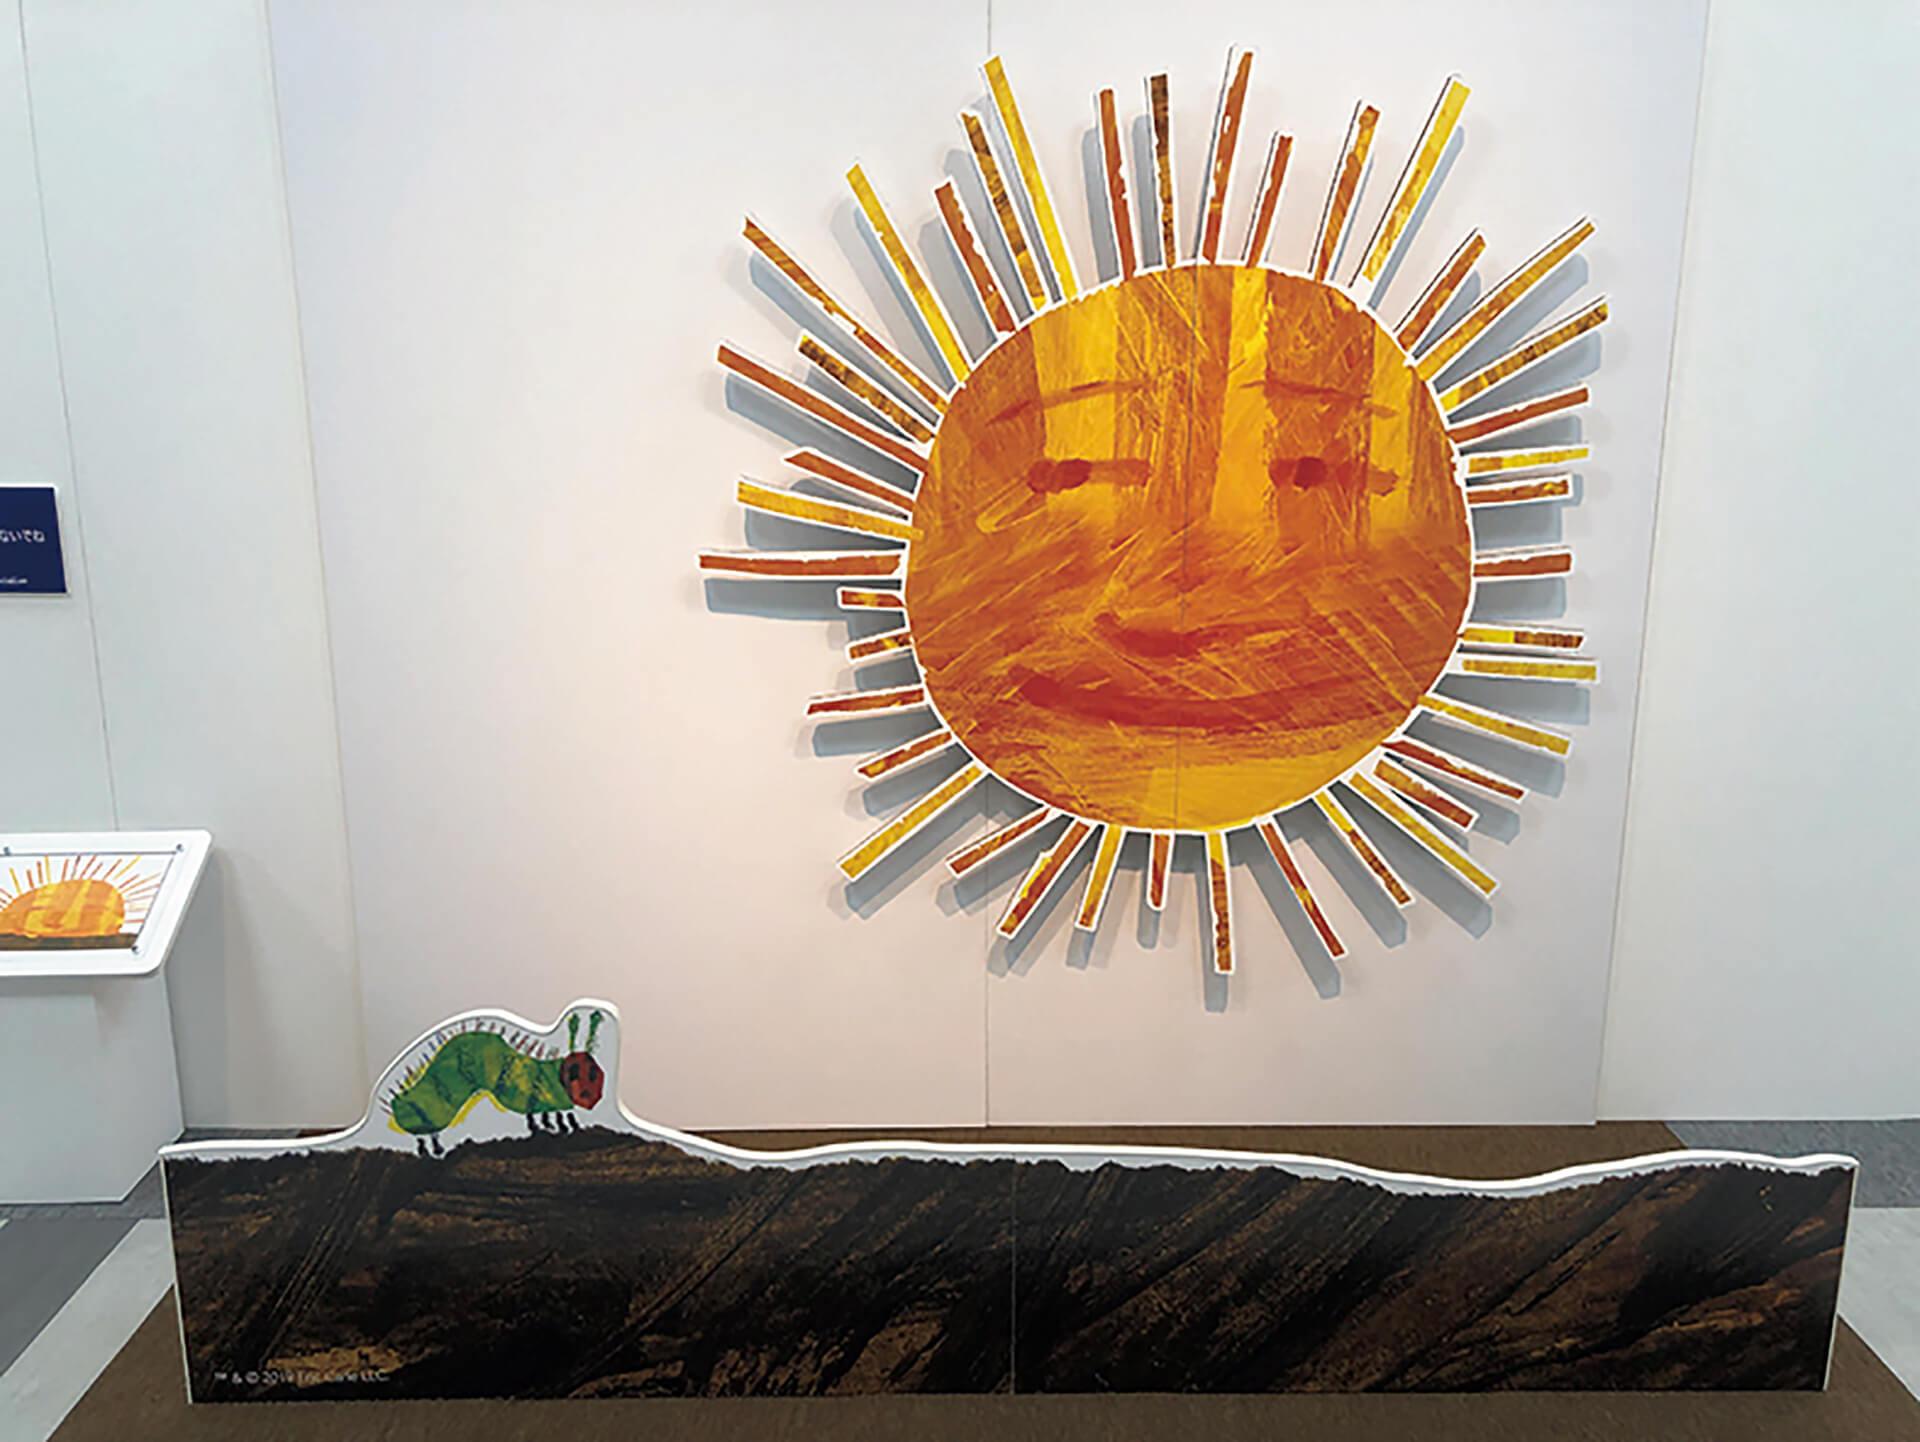 この写真は、はらぺこあおむし 大きな絵本の世界 世界に一つだけの絵本を作ろうのフォトスポットコーナー・太陽のオブジェです